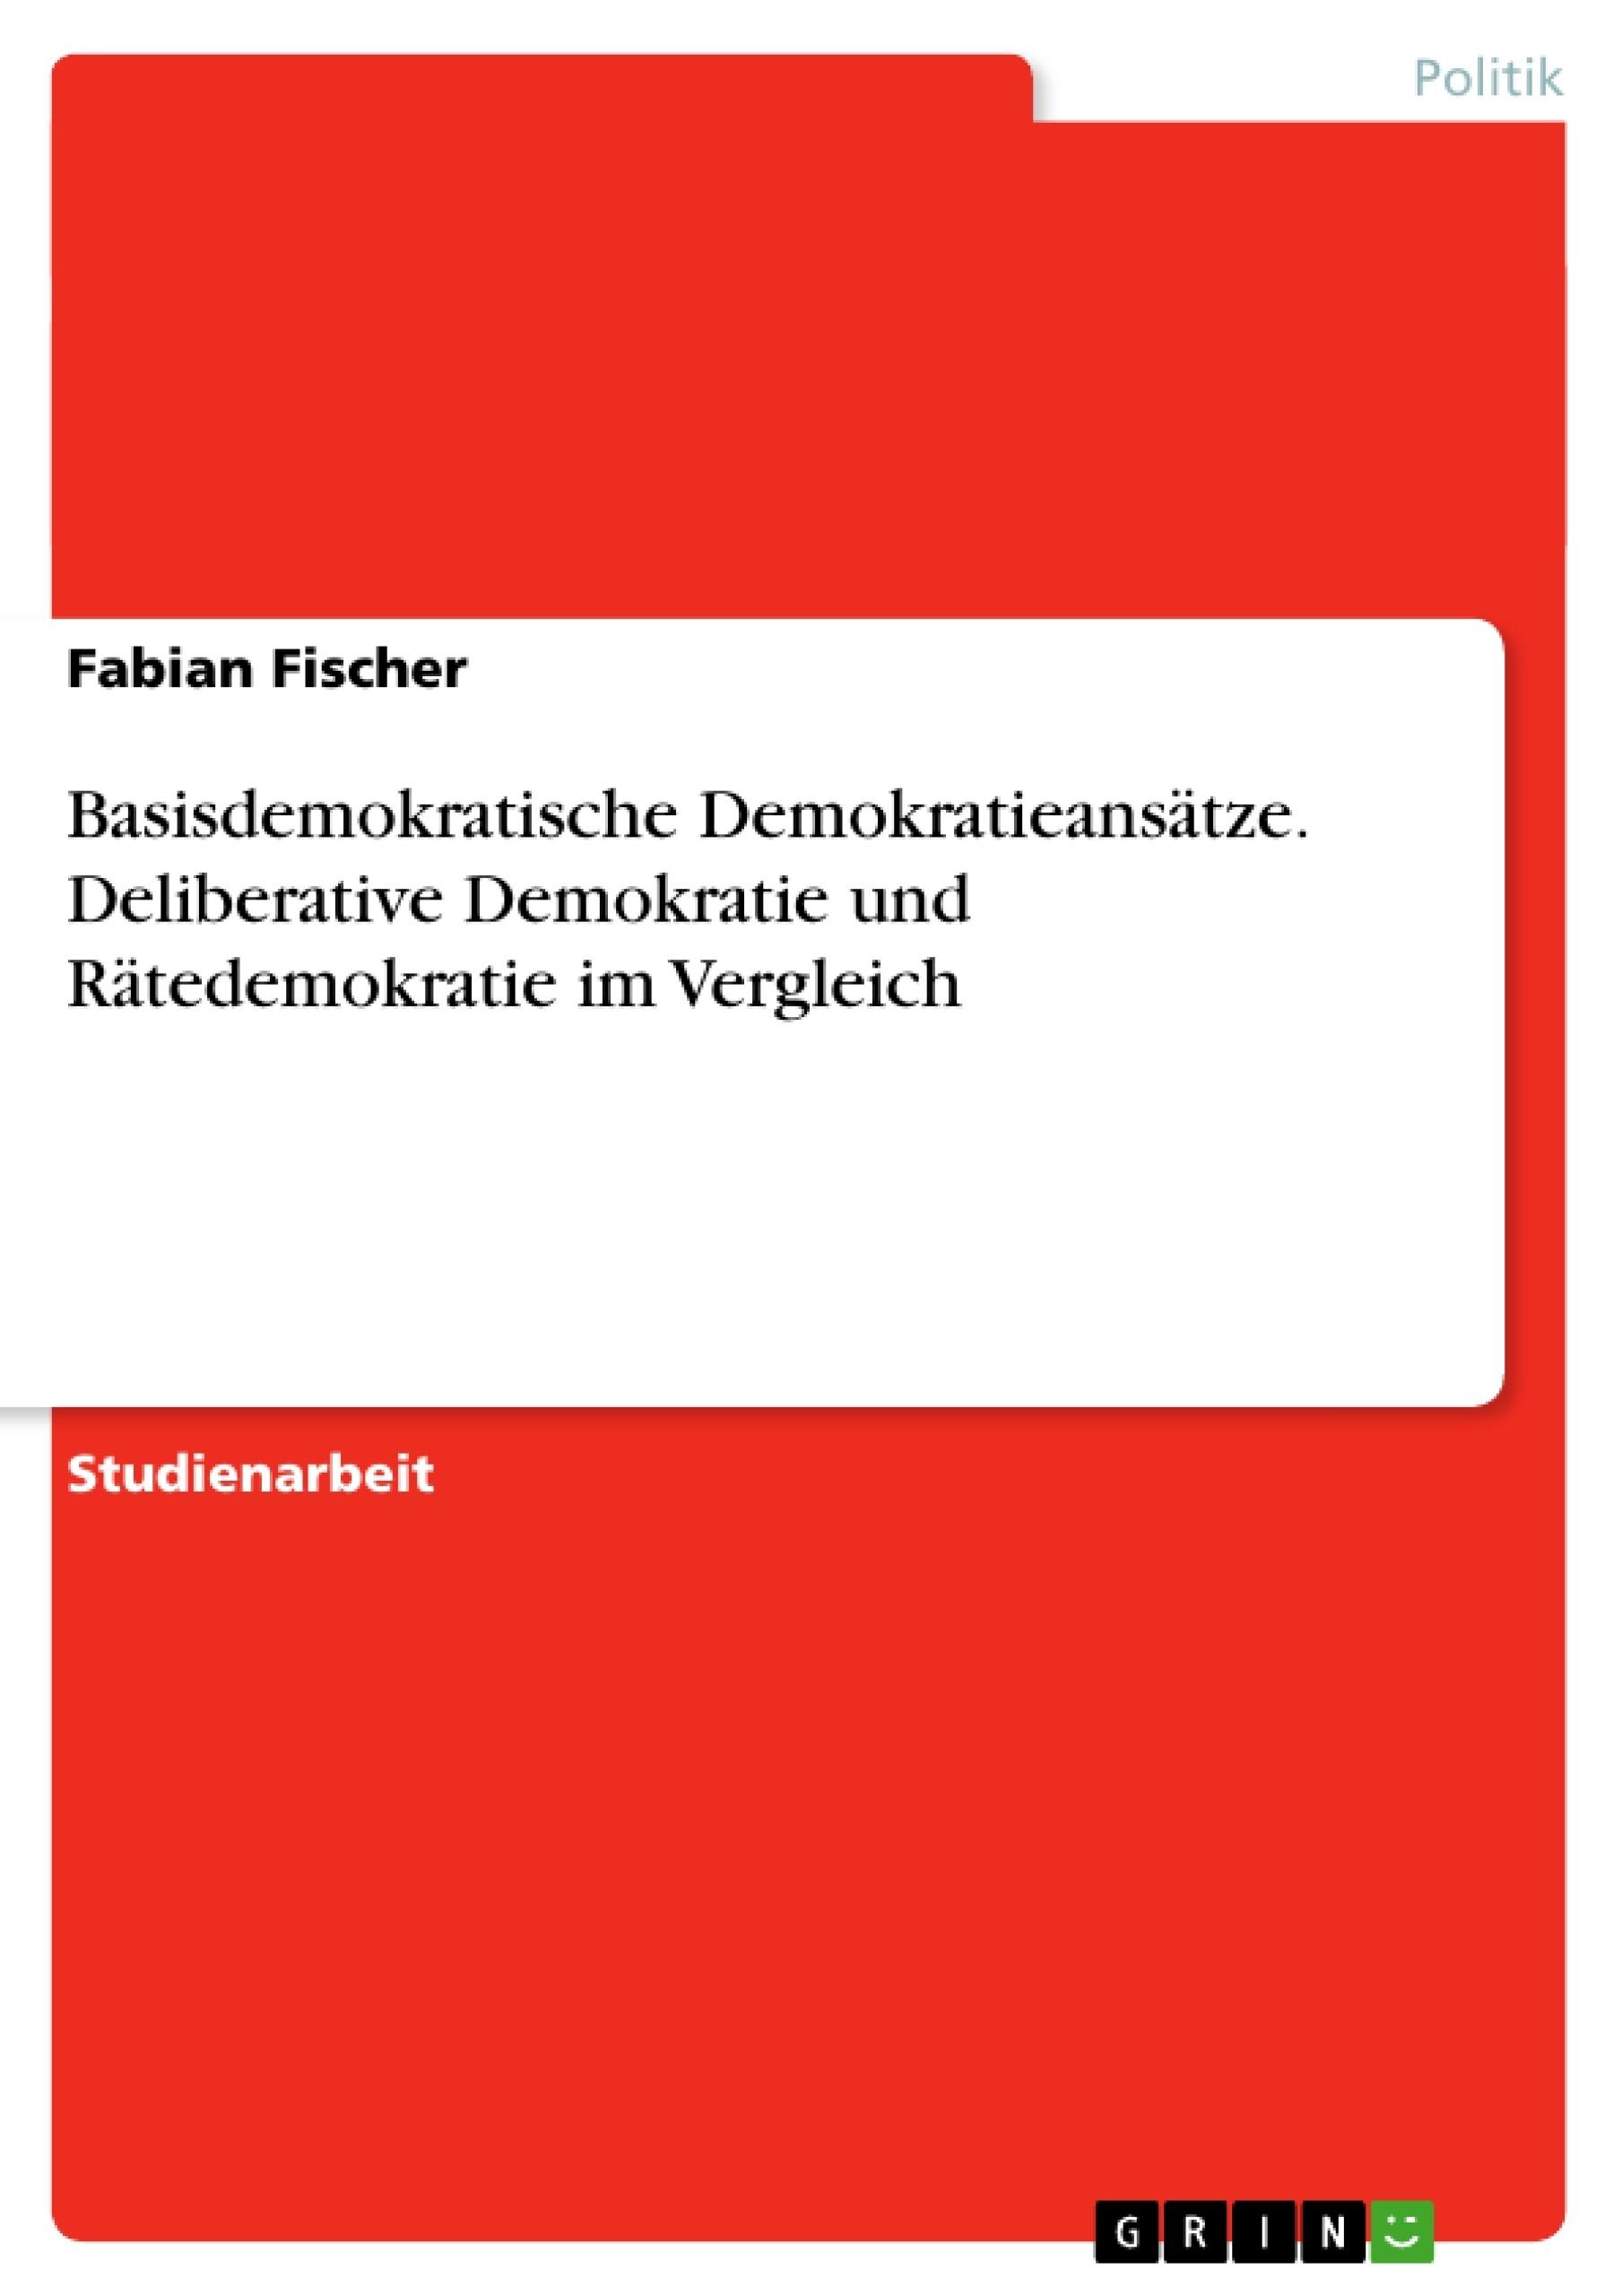 Titel: Basisdemokratische Demokratieansätze. Deliberative Demokratie und Rätedemokratie im Vergleich